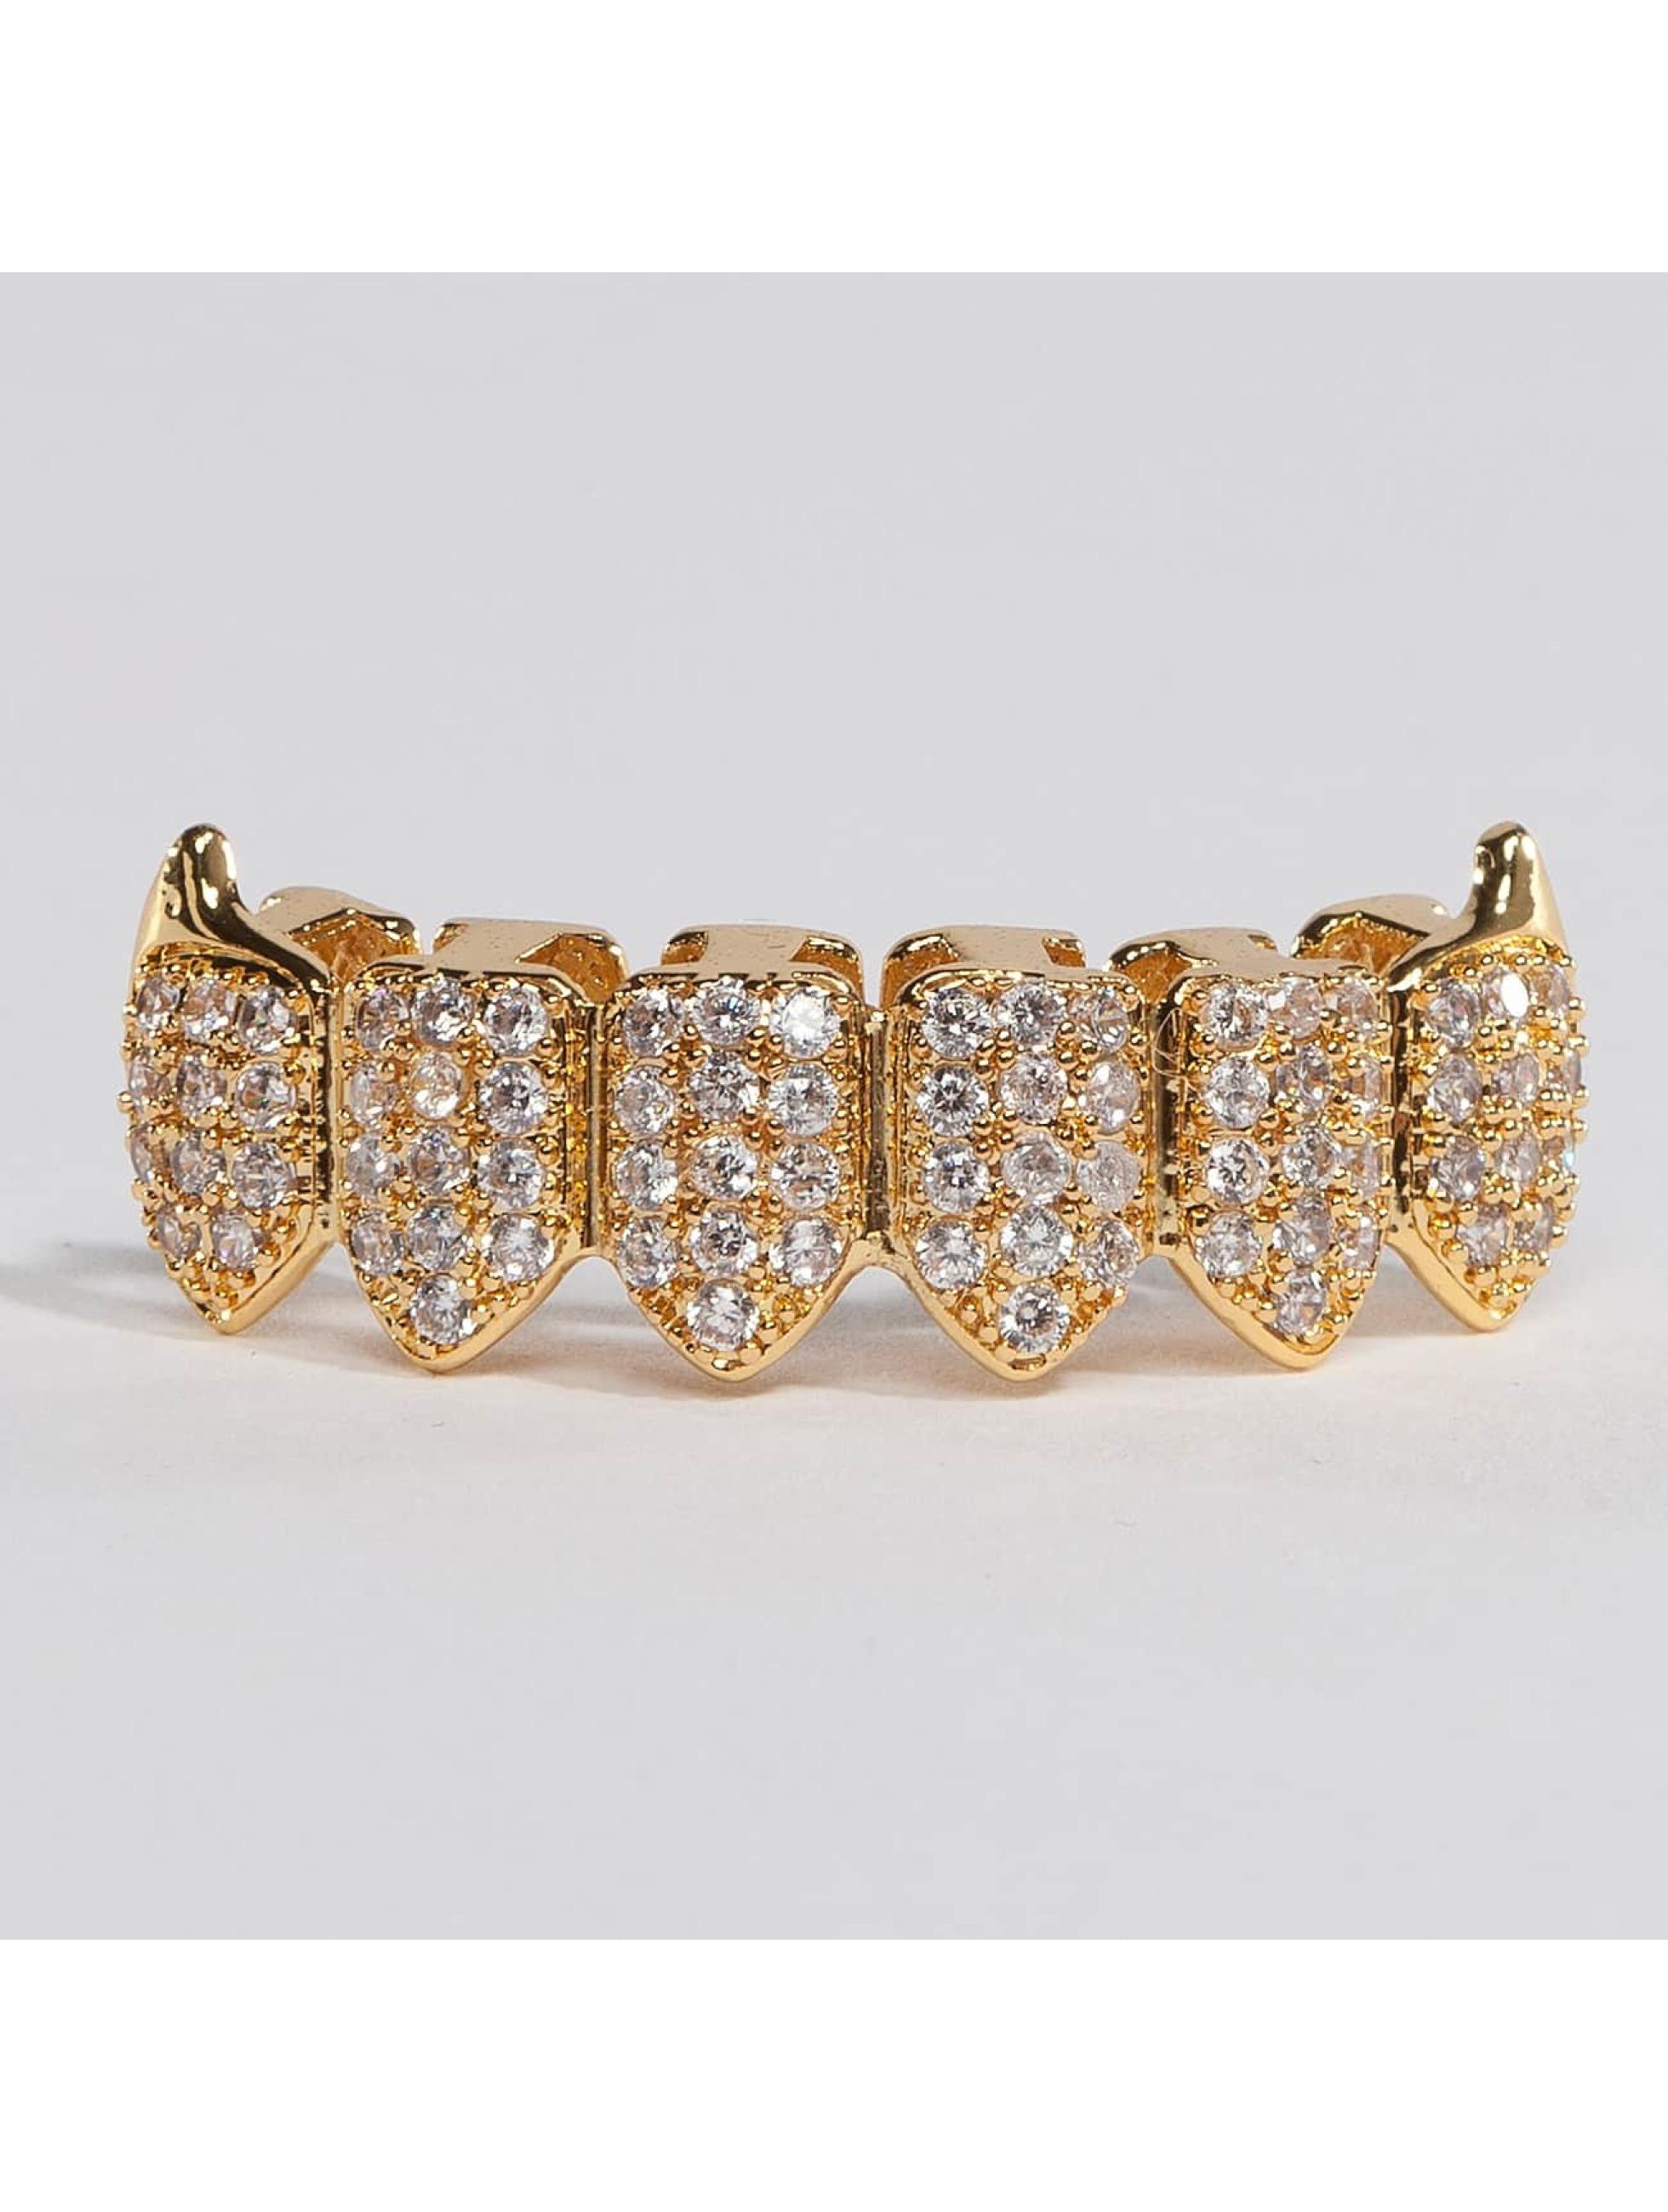 KING ICE Pozostałe Gold_Plated CZ Dracula Teeth Bottom zloty